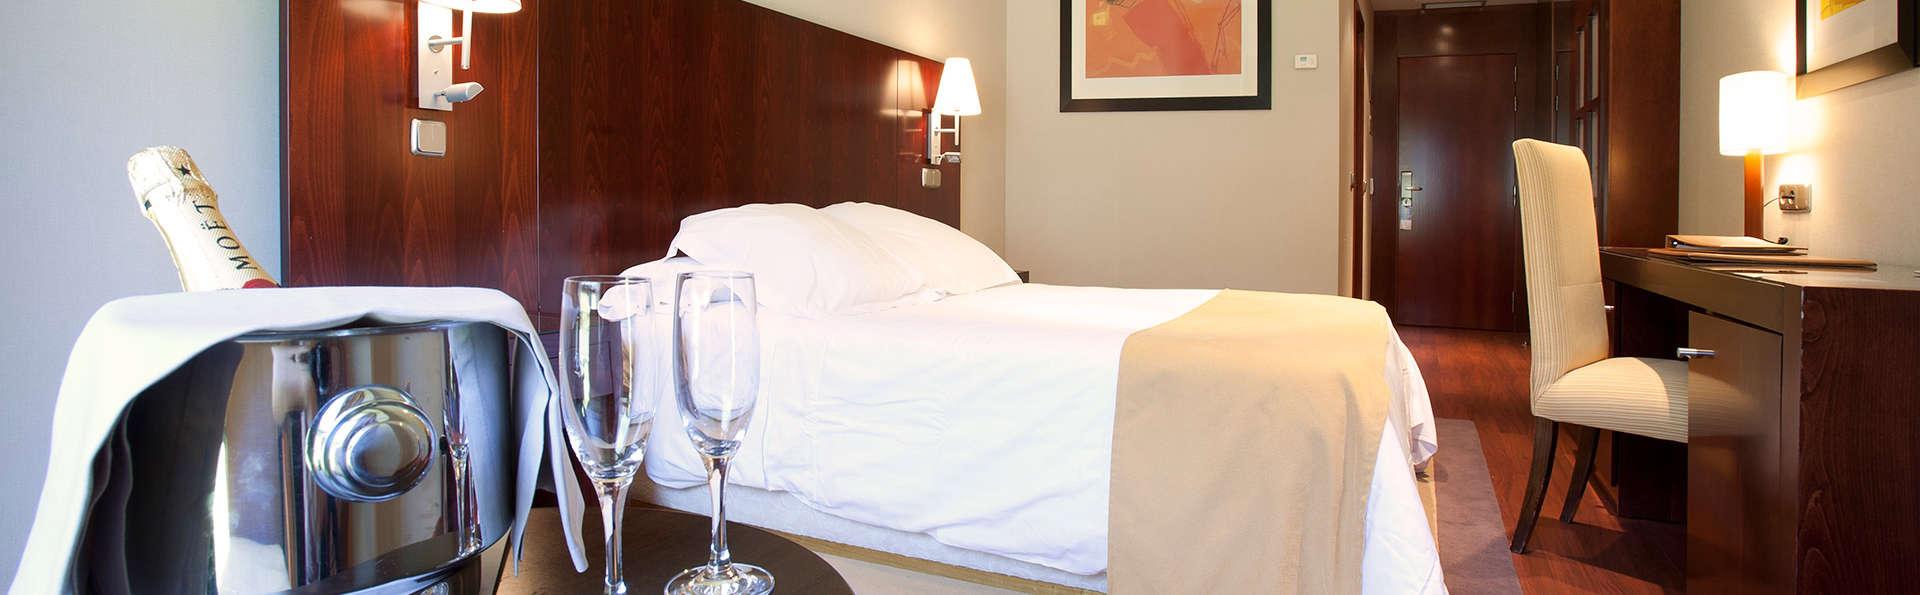 Gran Hotel Attica21 las Rozas - EDIT_room2.jpg